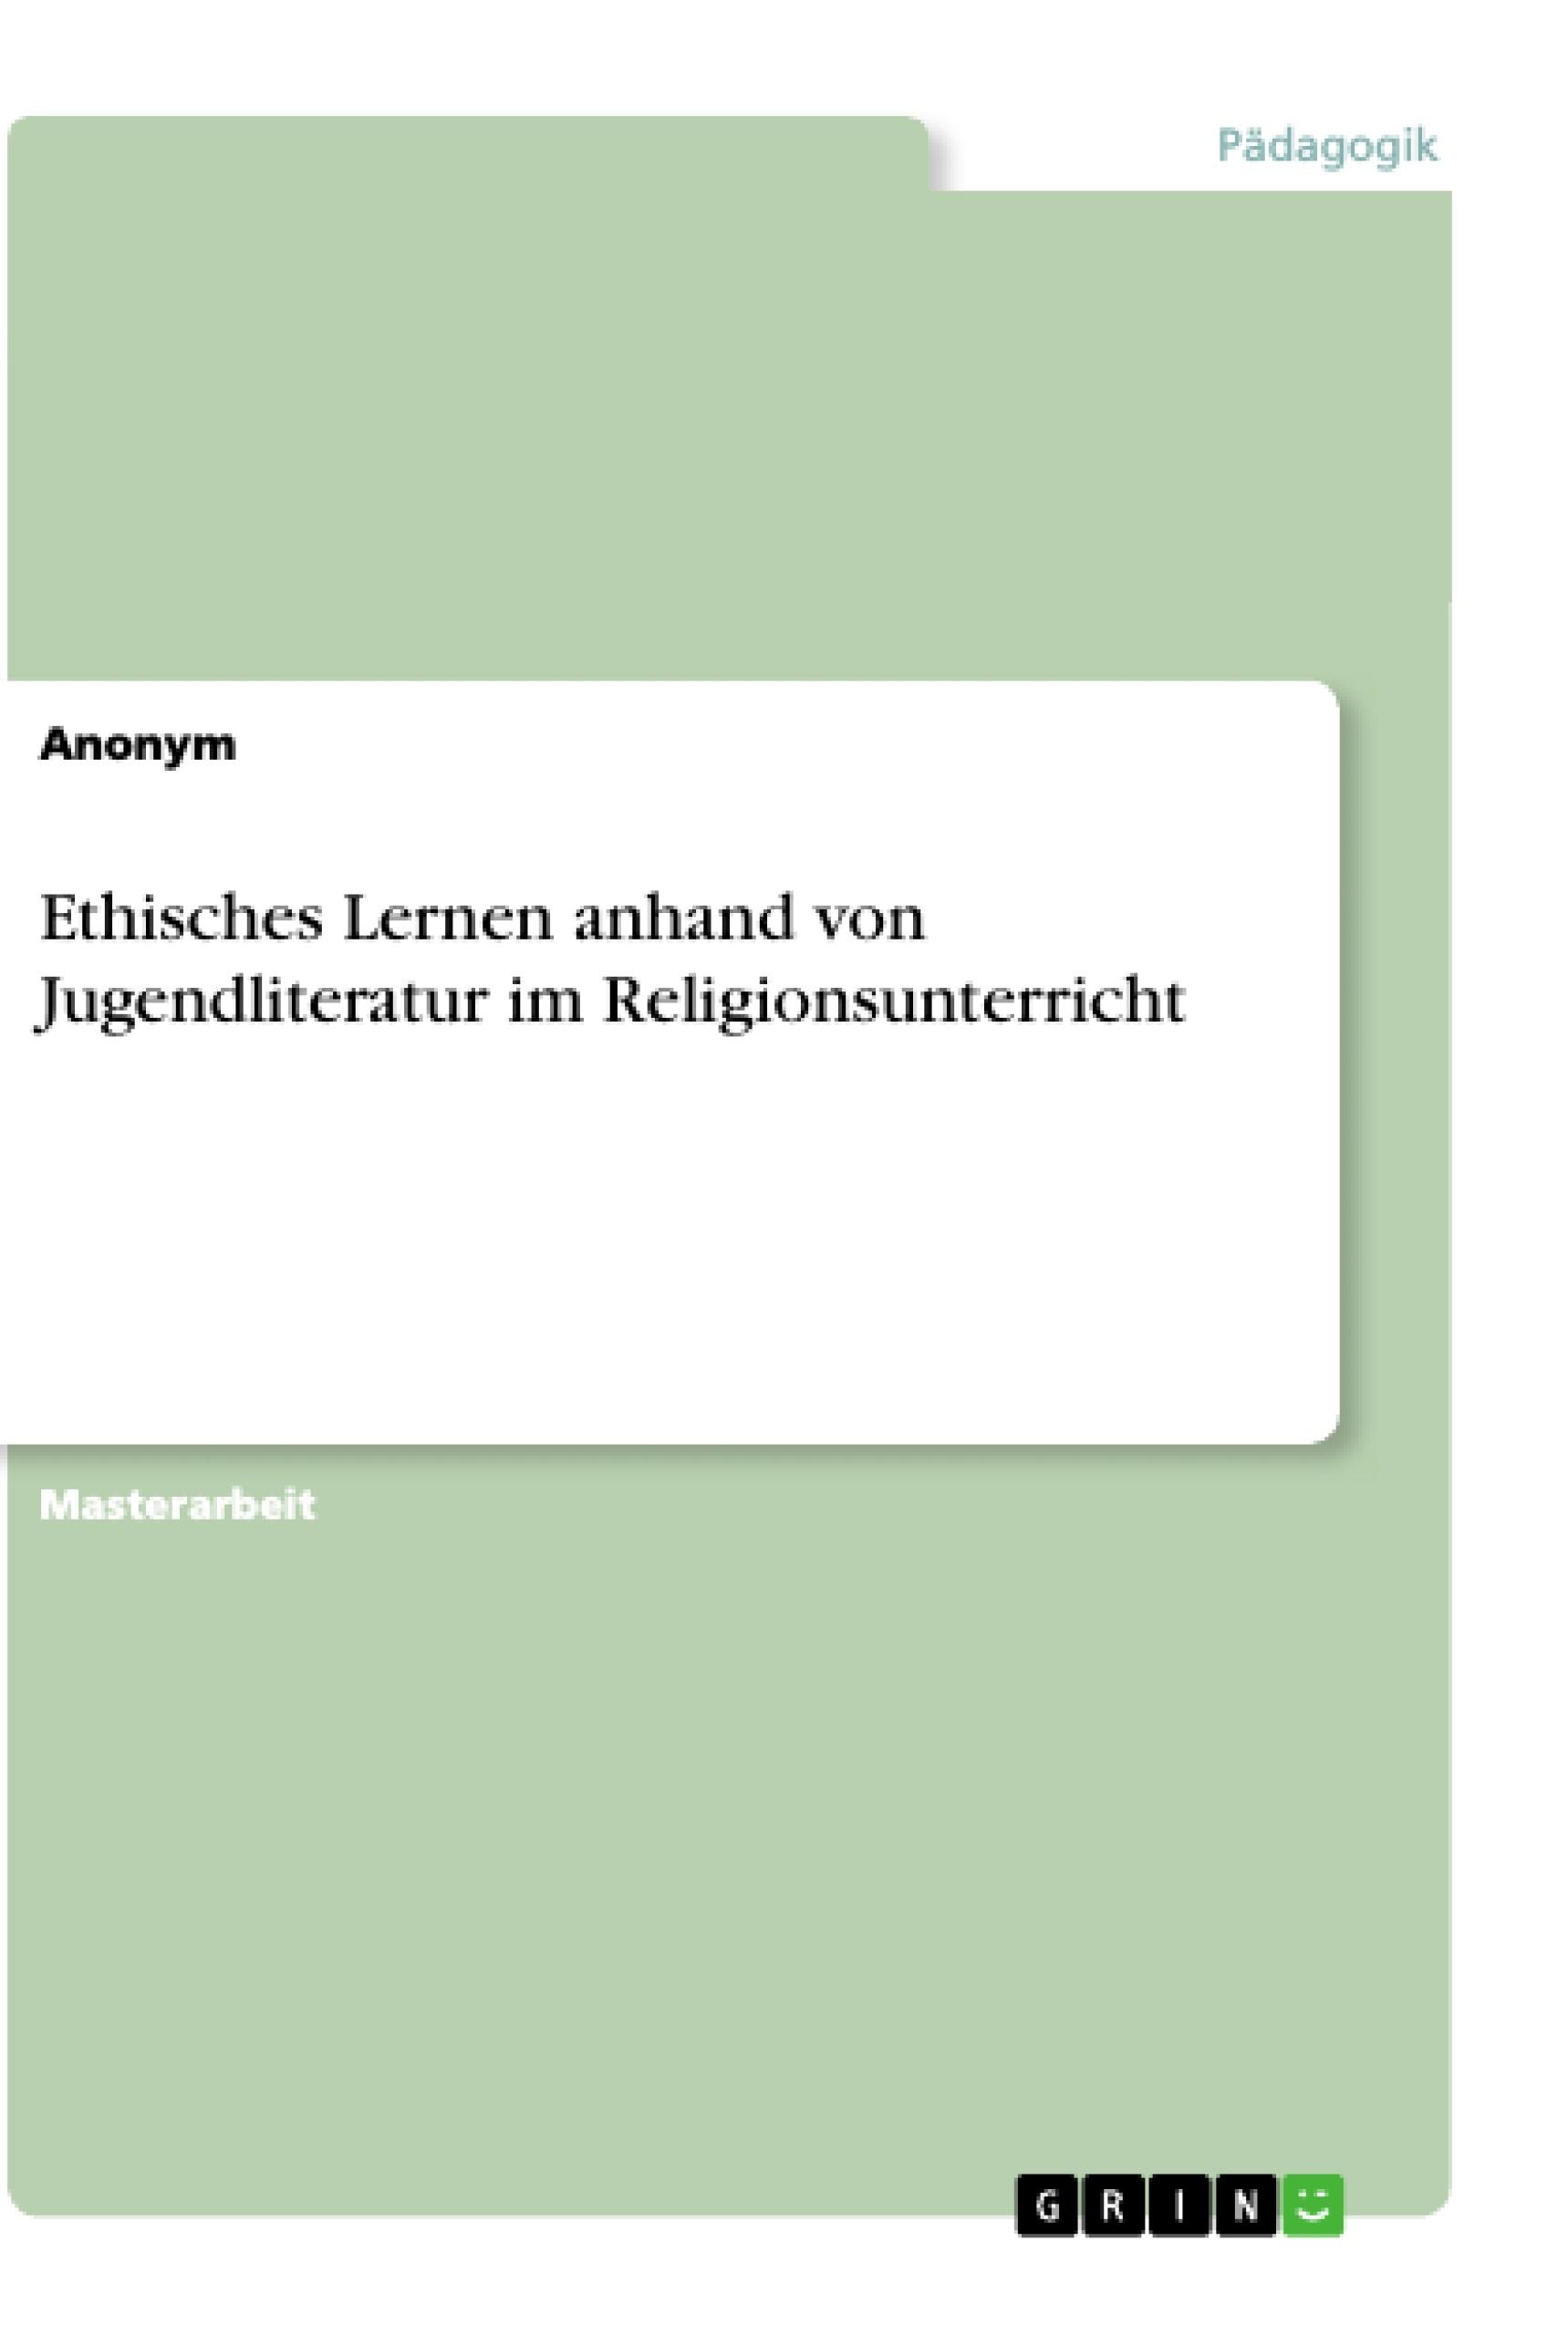 Titel: Ethisches Lernen anhand von Jugendliteratur im Religionsunterricht